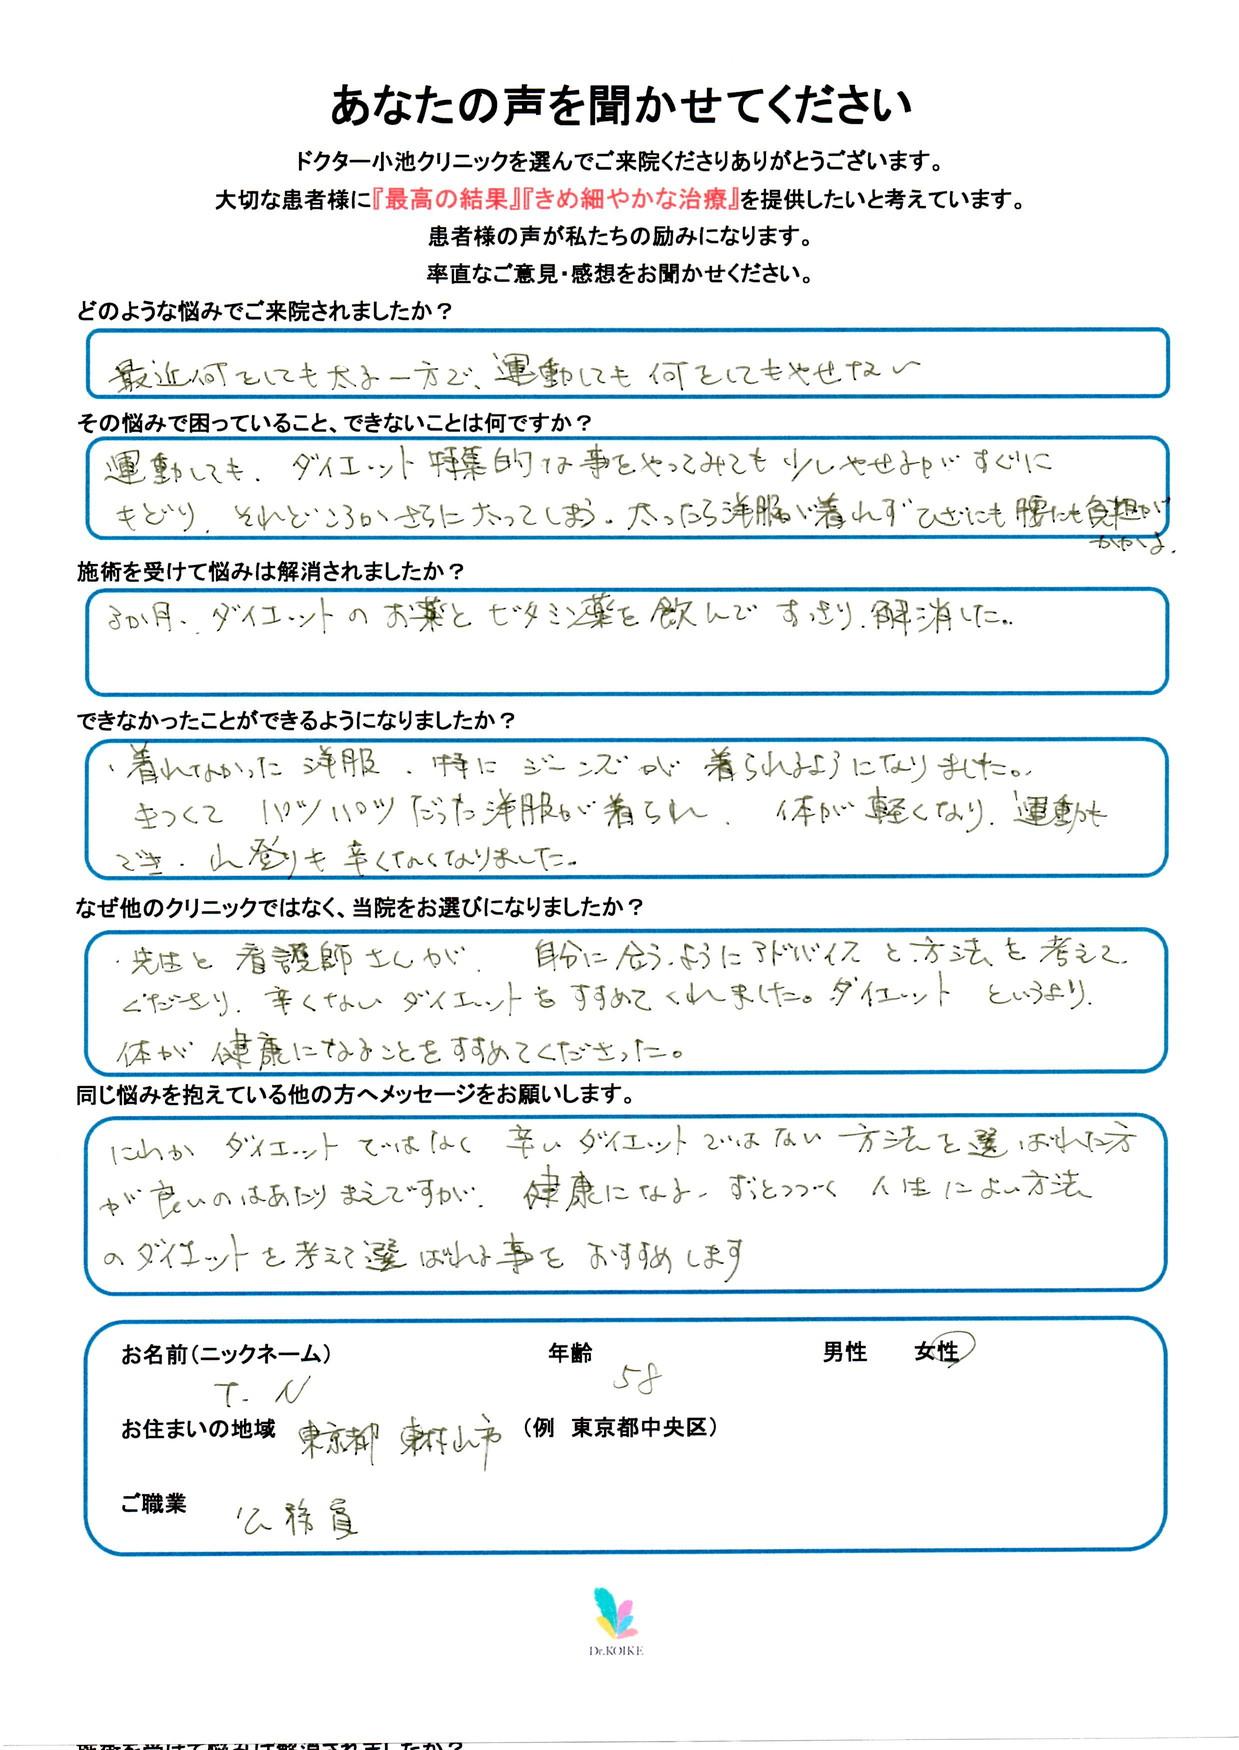 605. プラセンタ・体質改善・疲労